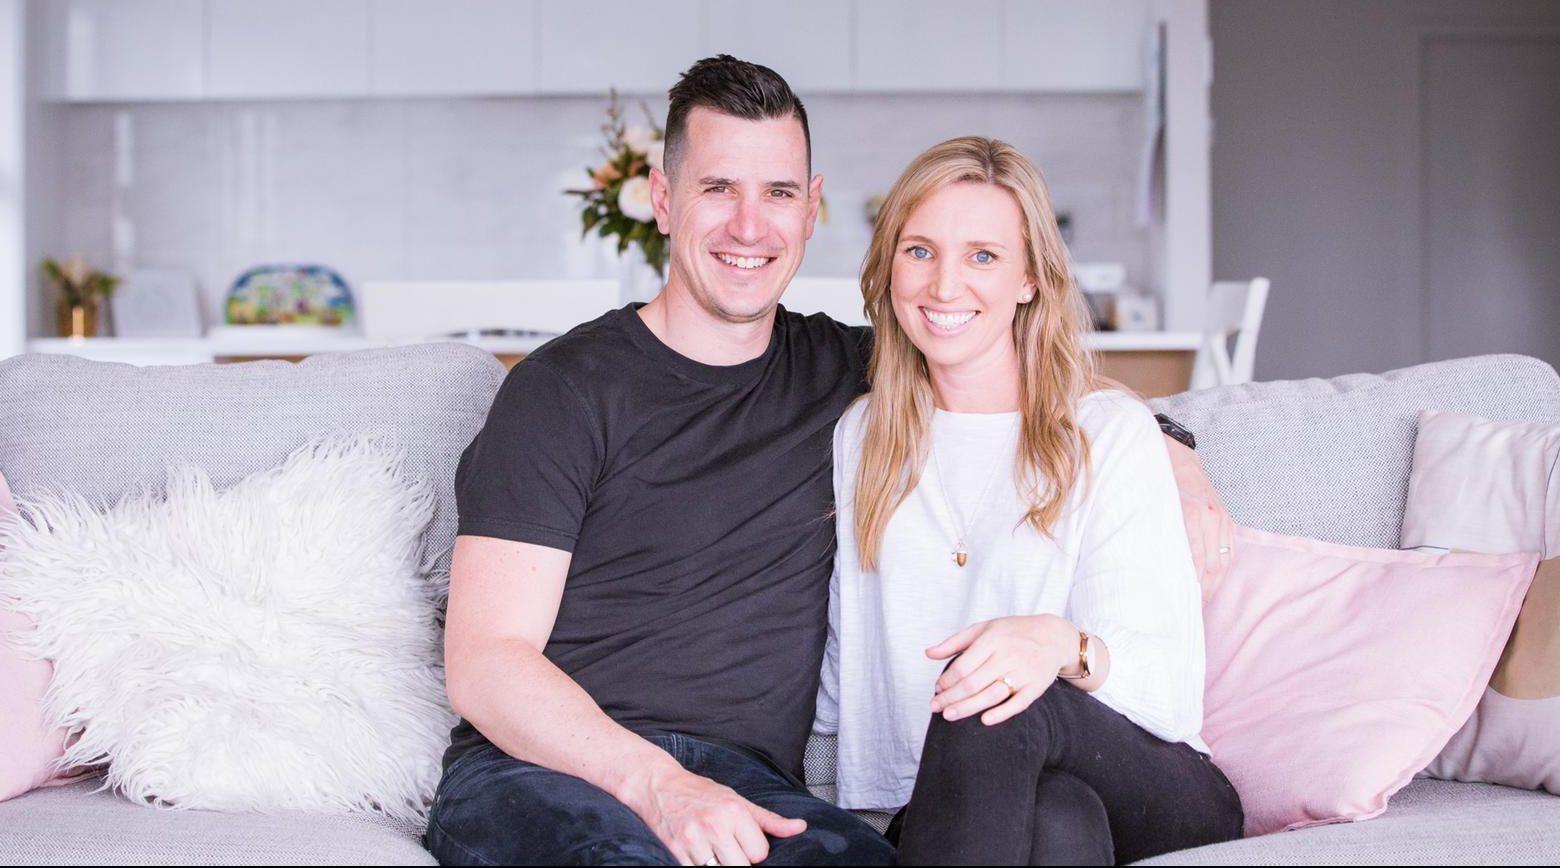 Jono and Kirsty Rowe